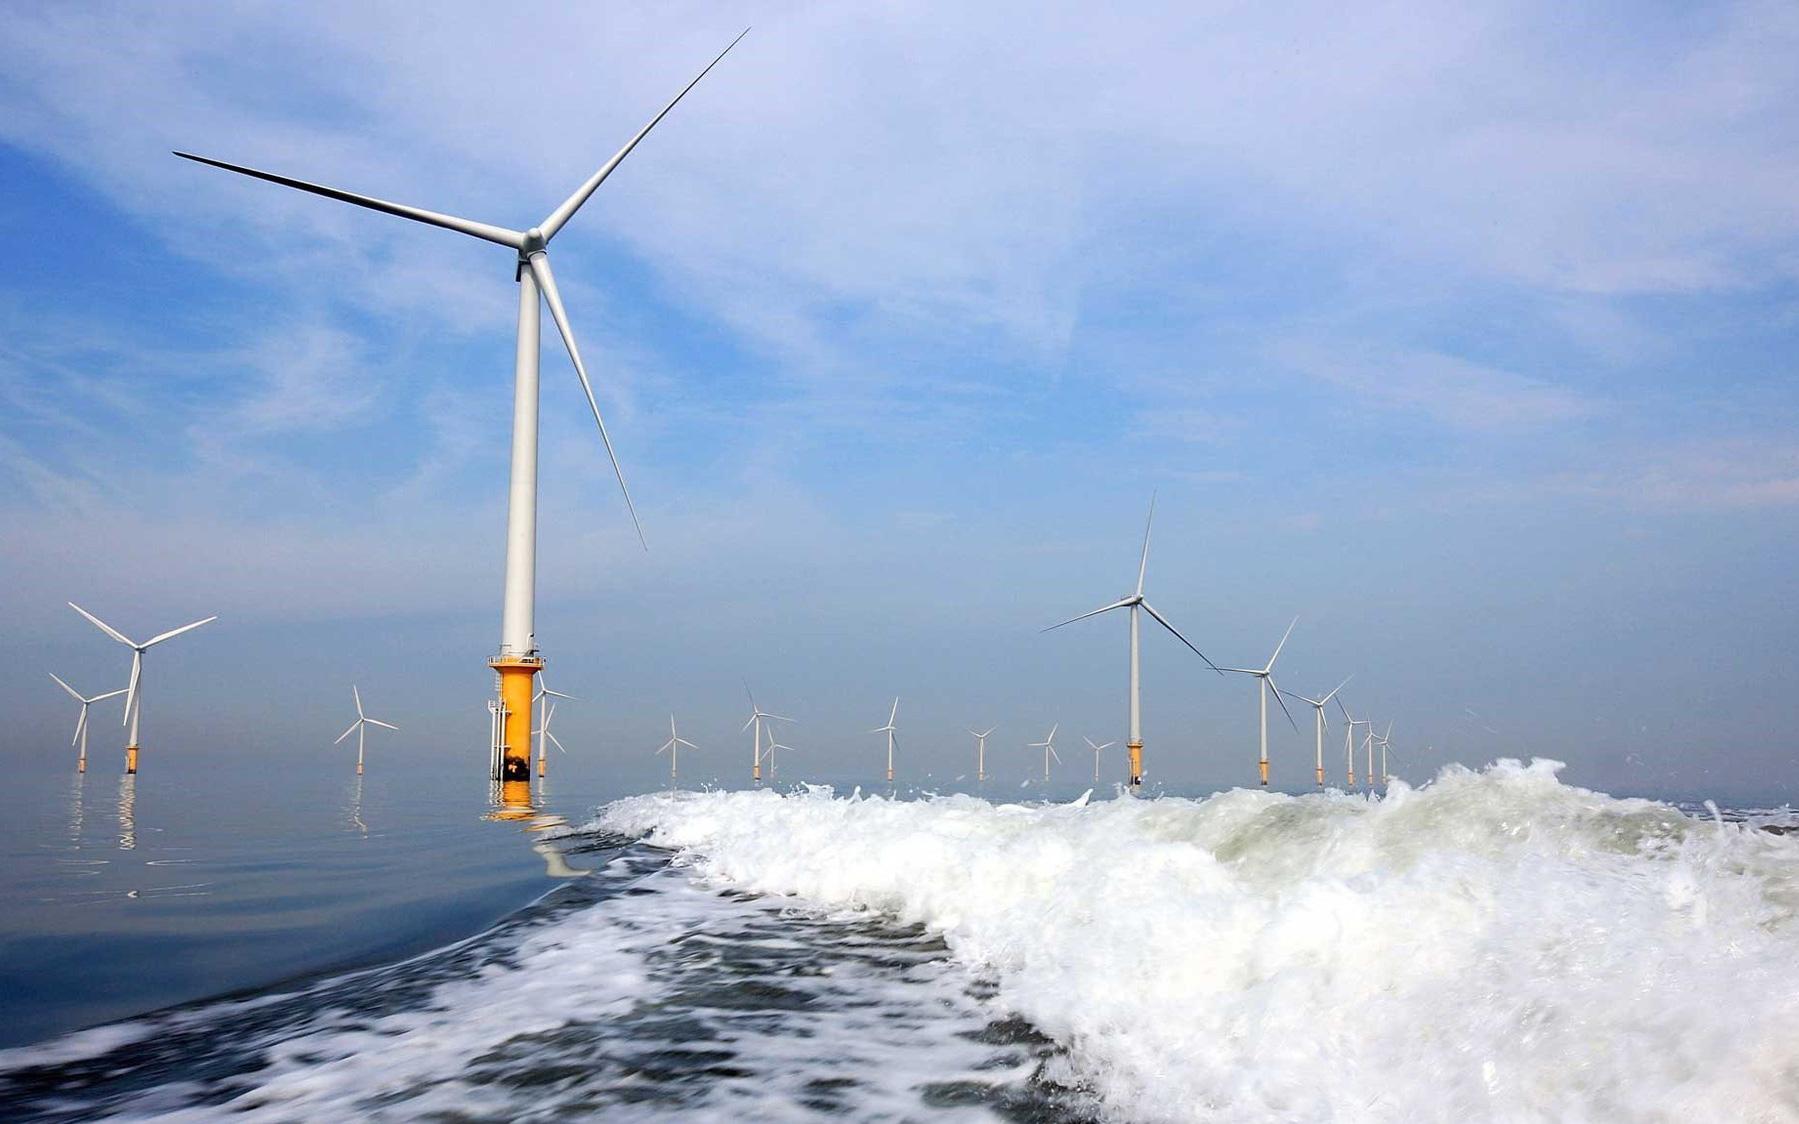 Giá điện có nguy cơ tăng cao nếu thực hiện cơ chế đấu thầu cho các dự án điện gió ngoài khơi ngay lập tức?